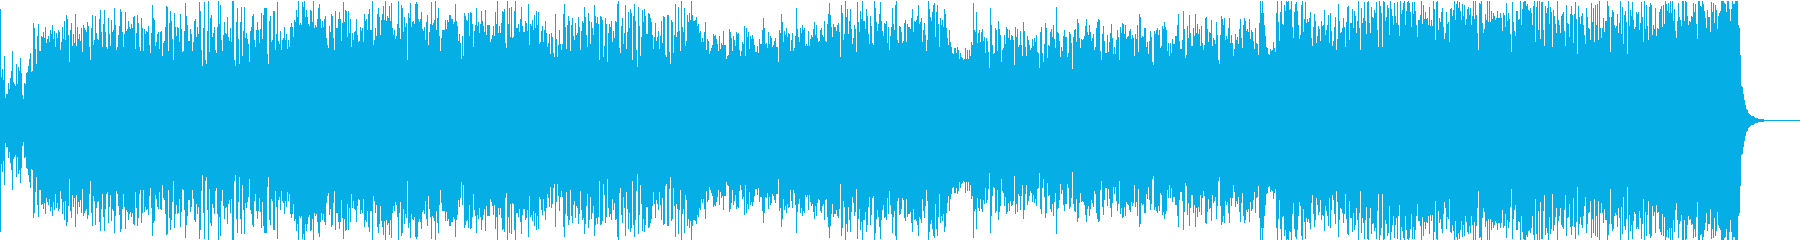 和風4つ打ちシンフォニックチップチューンの再生済みの波形